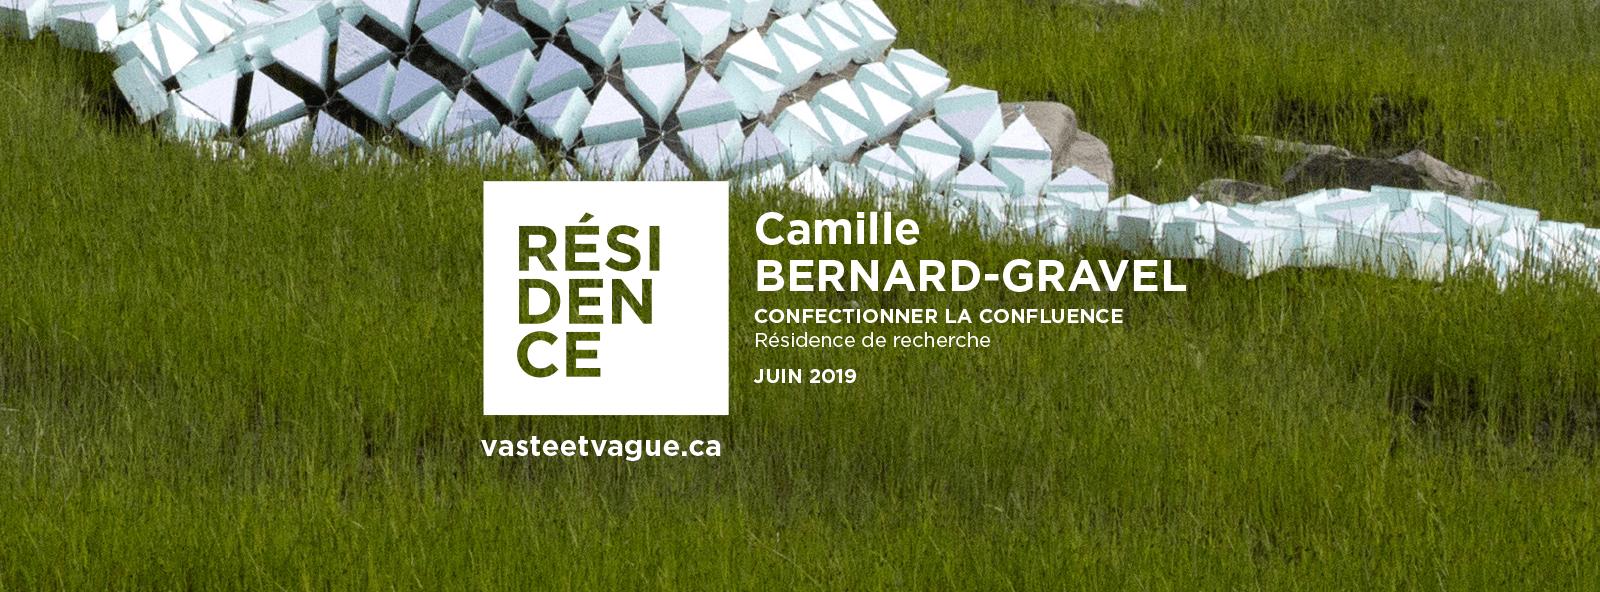 Camille BERNARD-GRAVEL | CONFECTIONNER LA CONFLUENCE | Résidence de recherche